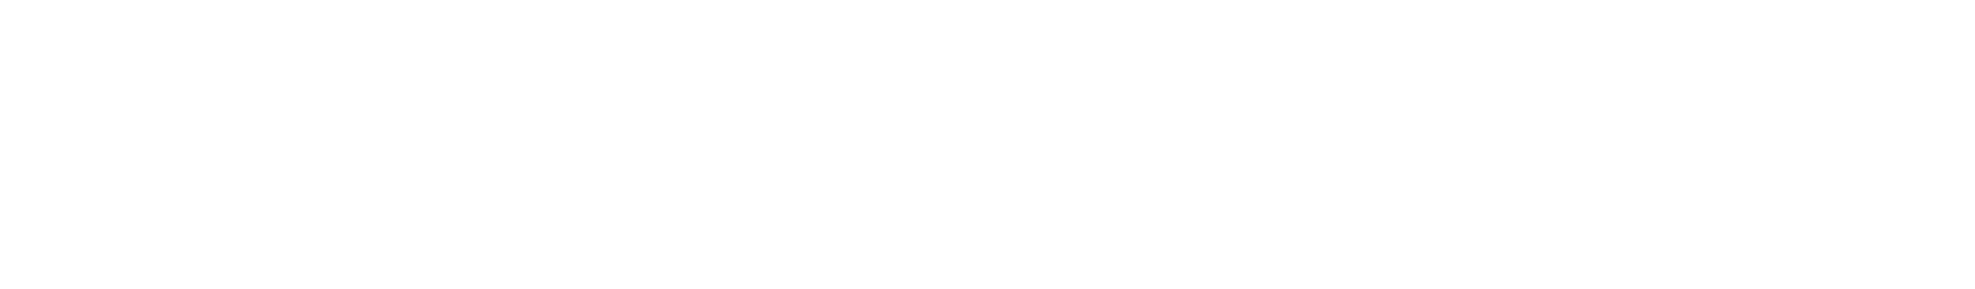 logo-rheinenergie_white